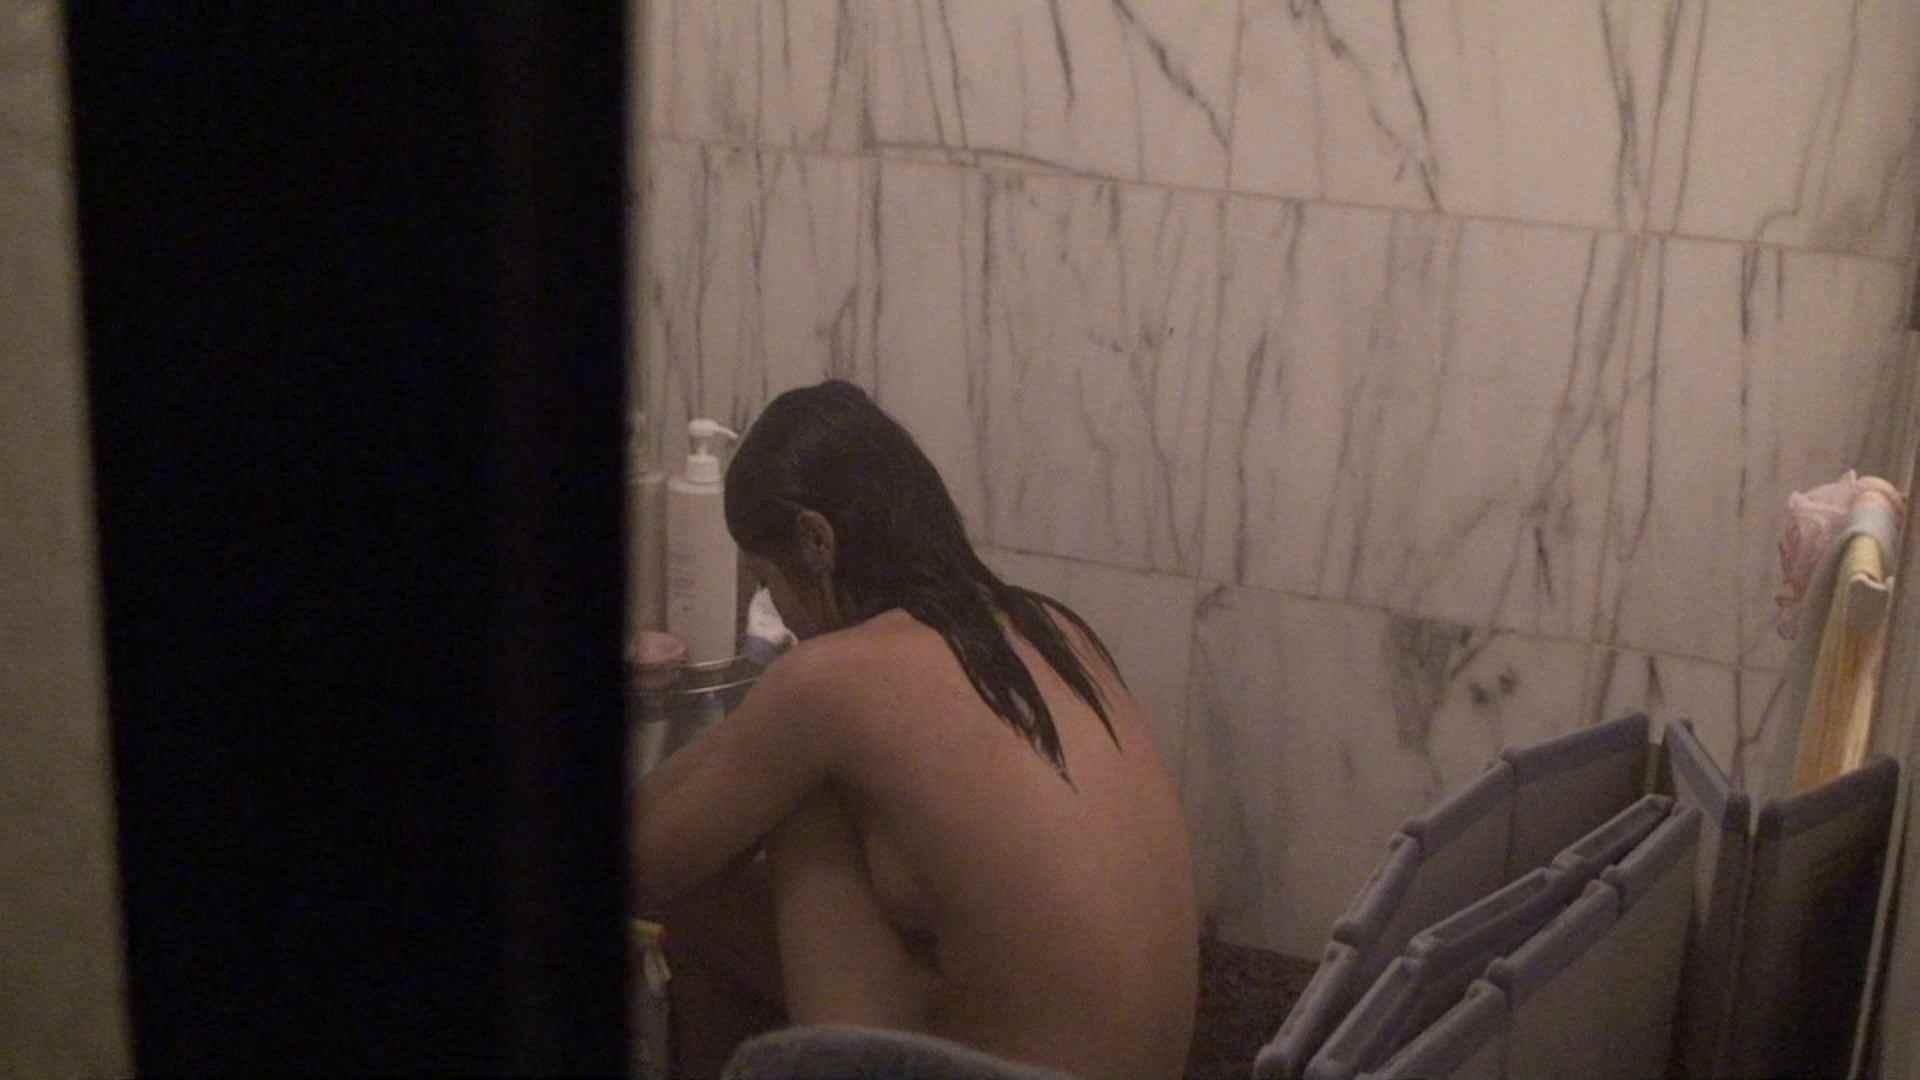 おまんこ:vol.03歌いながらつるつるのおっぱいを洗い流す彼女!近すぎてバレちゃた!?:怪盗ジョーカー